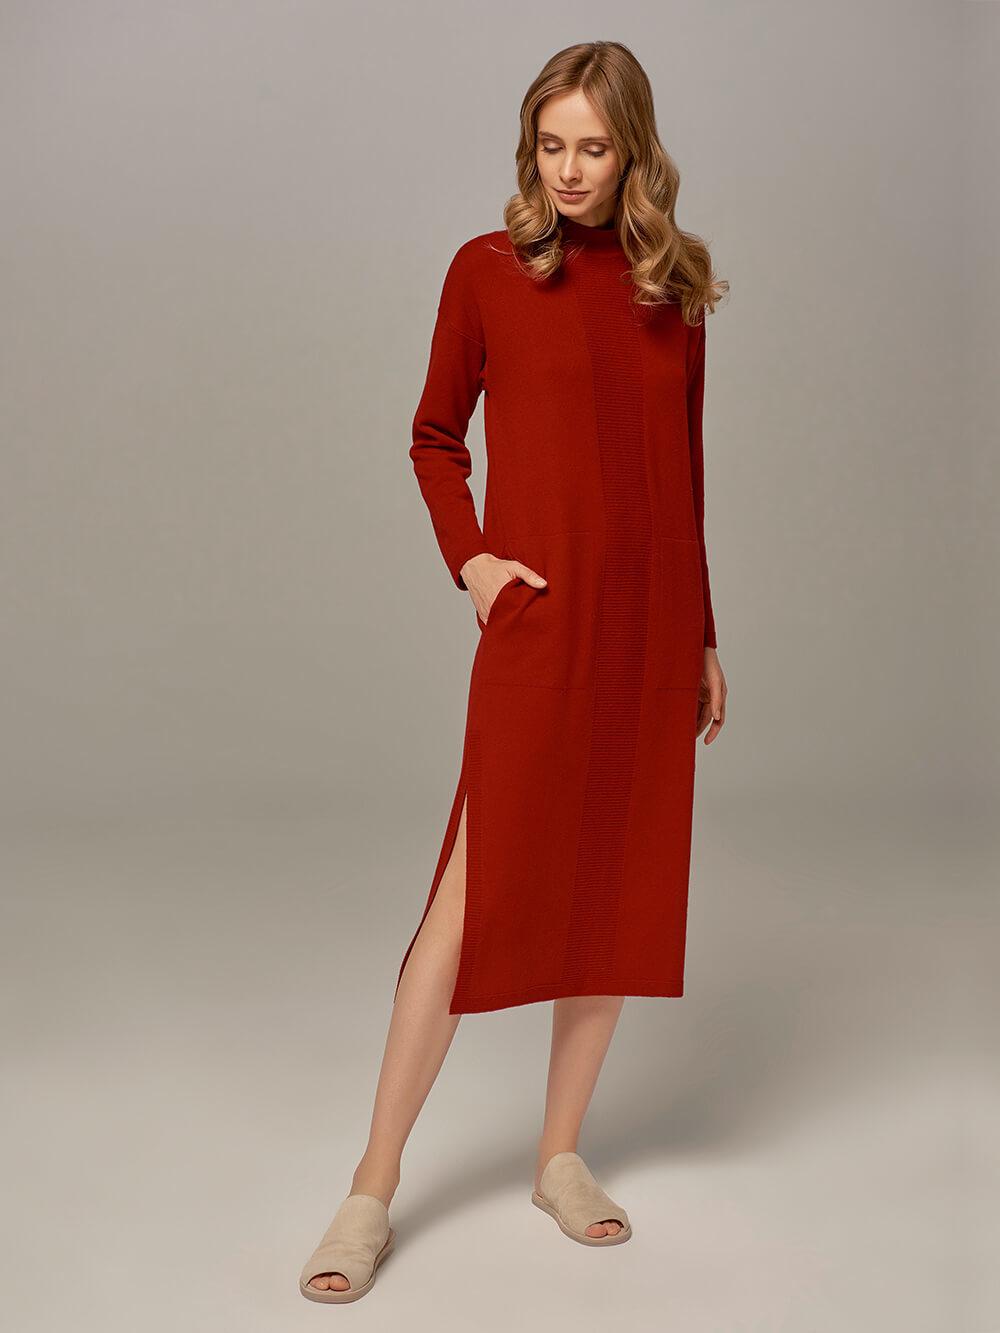 Женское платье красного цвета из шерсти и кашемира - фото 1